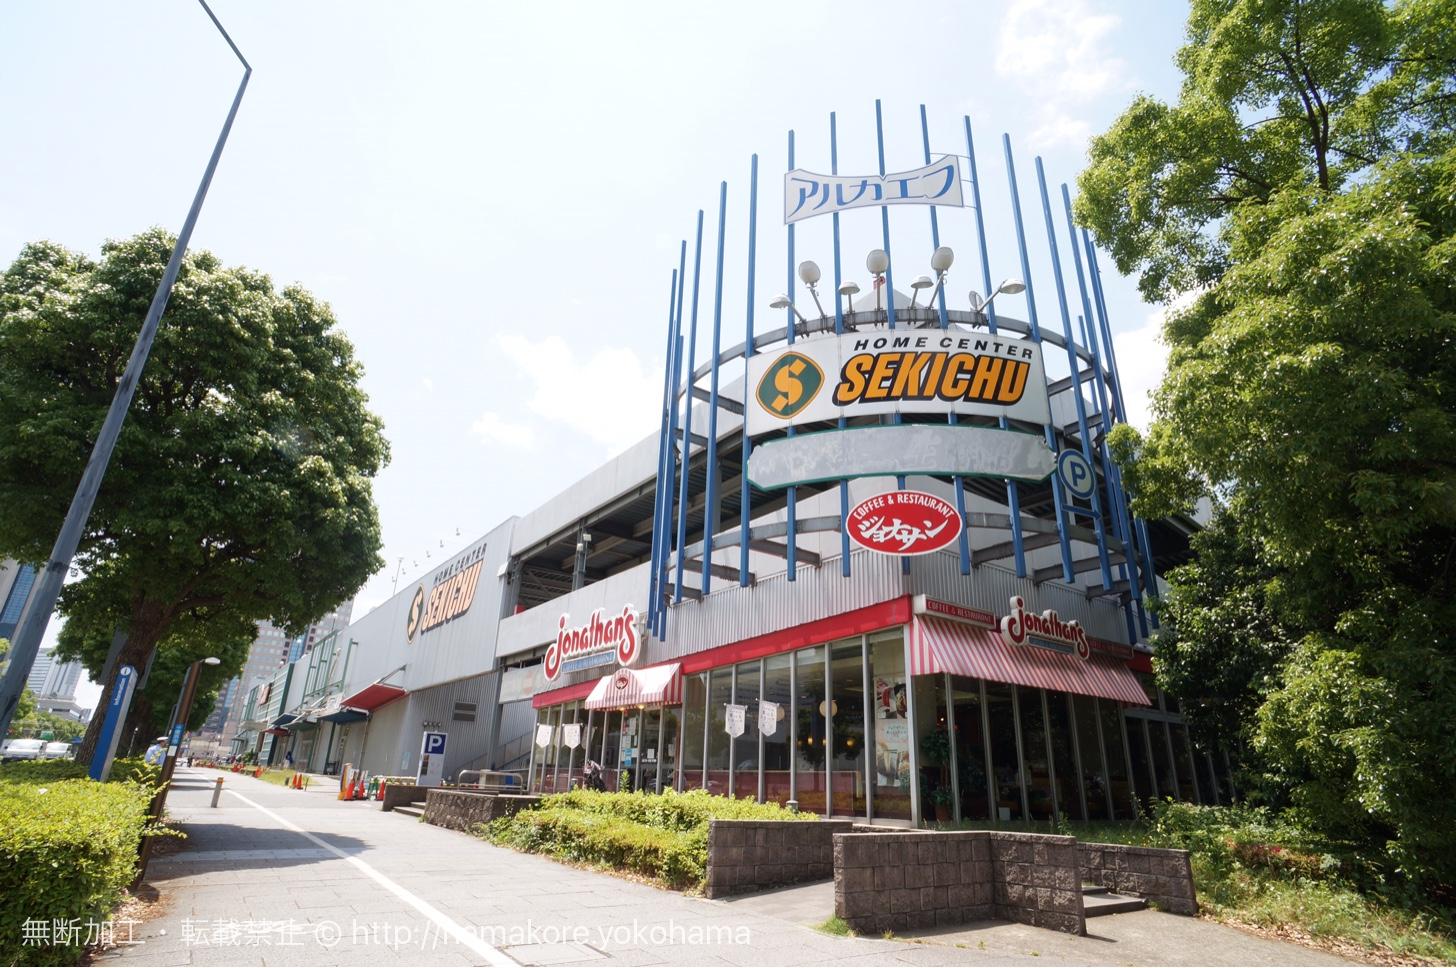 セキチュー 横浜みなとみらい店、2017年8月13日に閉店!